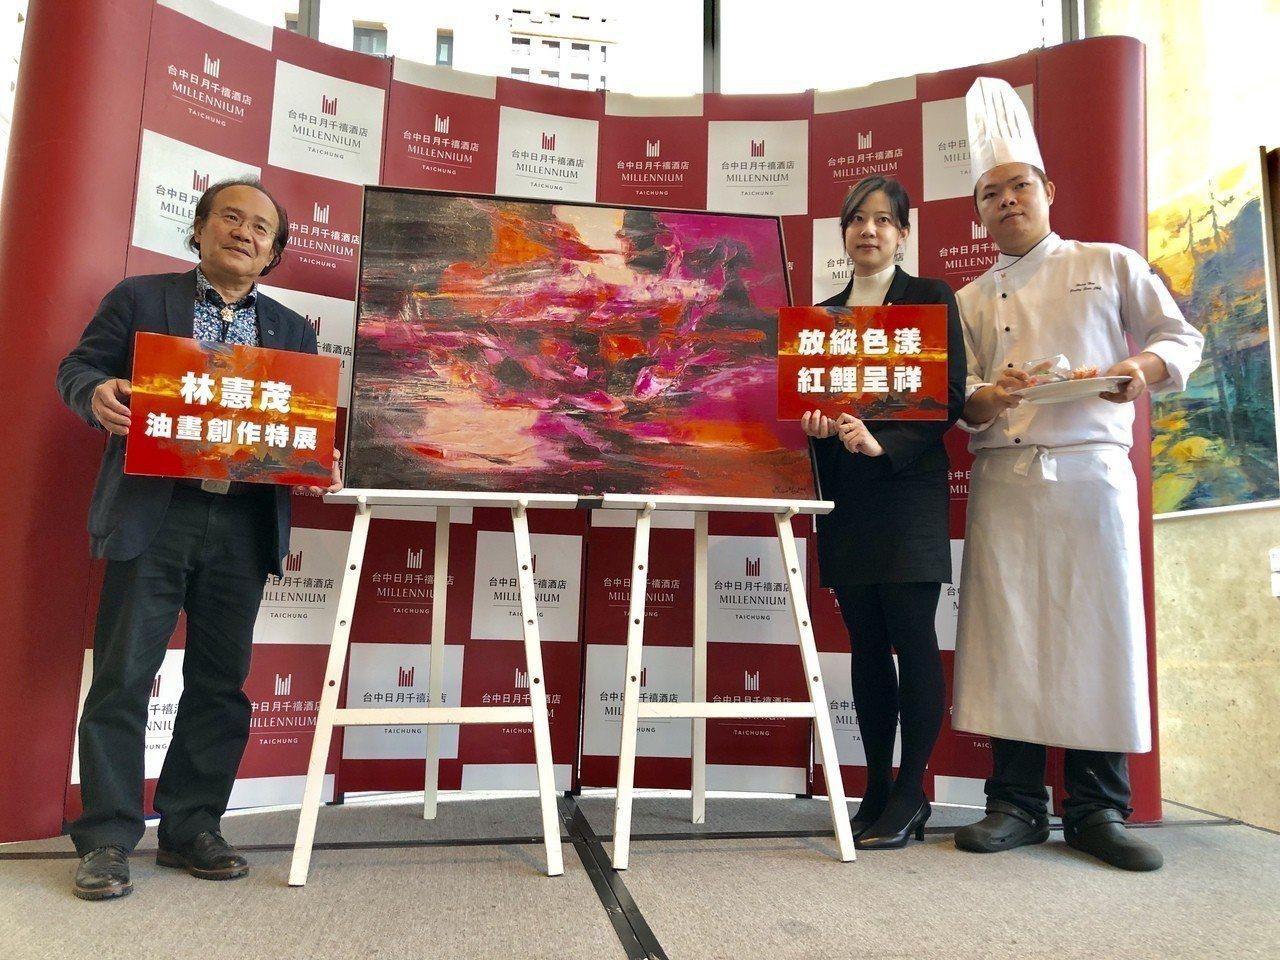 台中日月千禧酒店即日起至3月31日止,邀請油畫大師林憲茂(左)以象徵吉祥的鯉魚為...